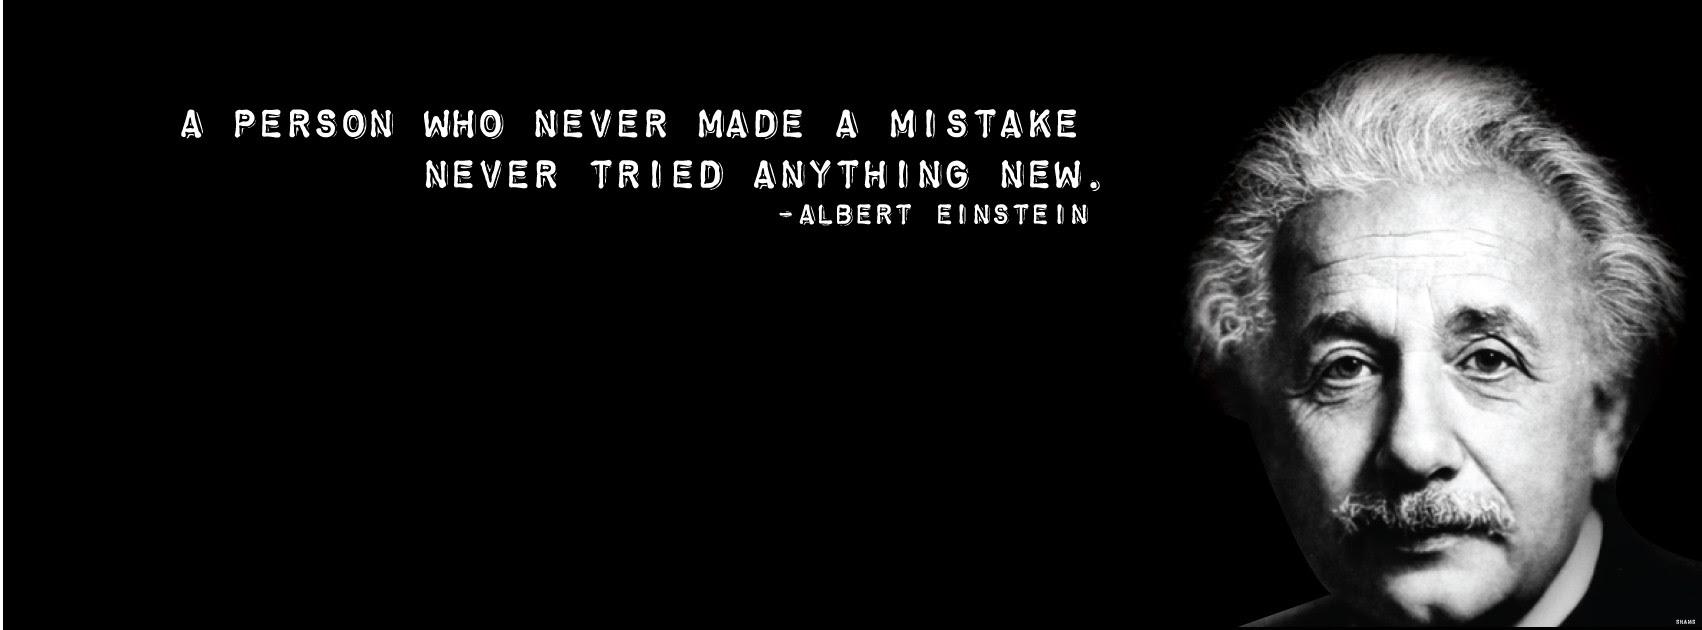 Albert Einstein Quotes. QuotesGram